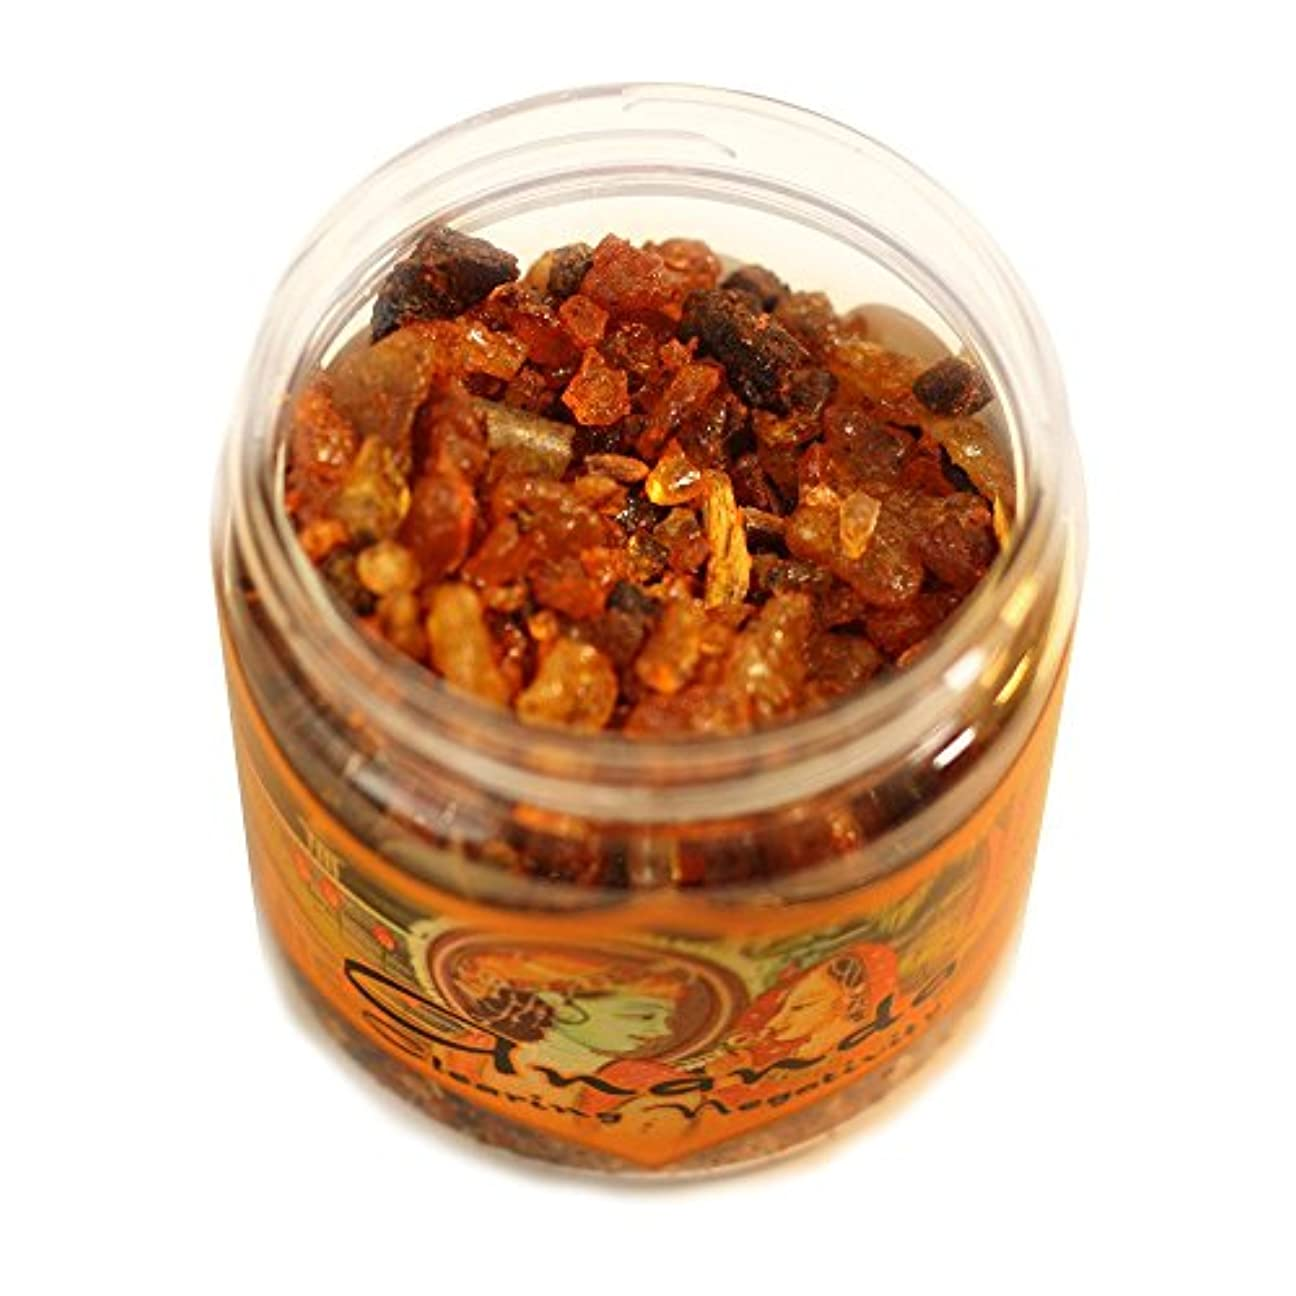 に賛成備品霧深い樹脂Incense Ananda – Clearing Negativity – 2.4oz Jar